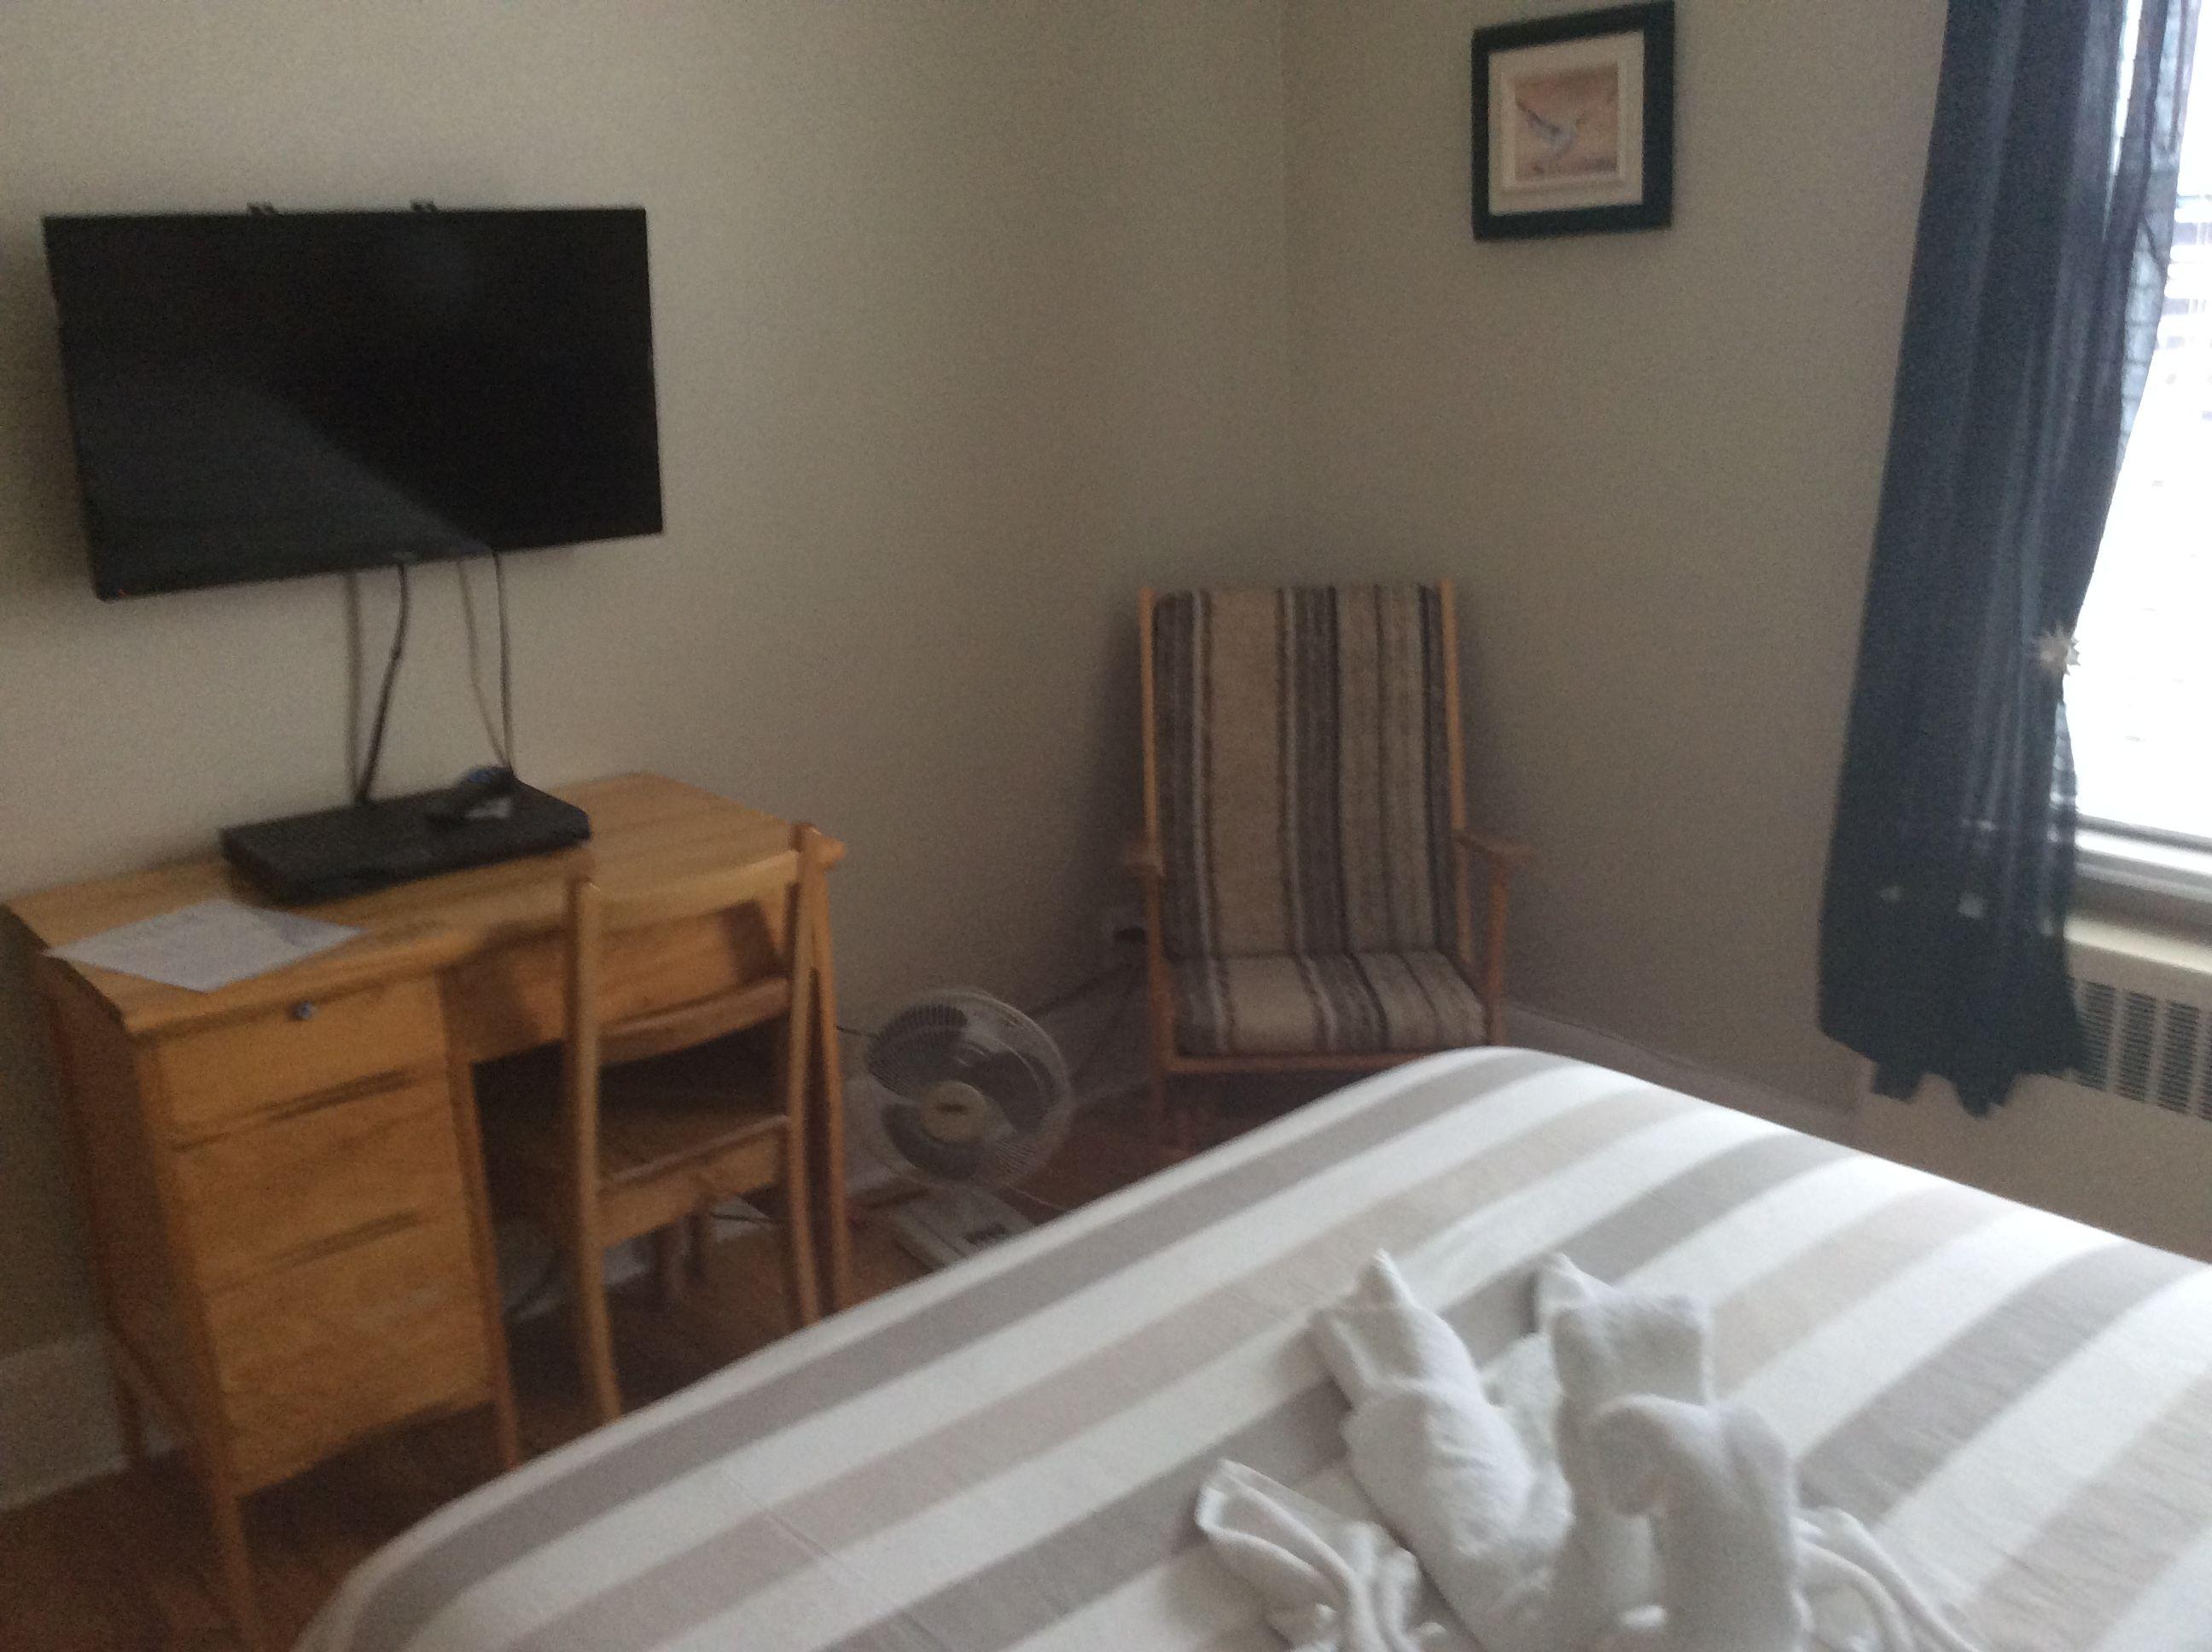 chambre avec lit double lavabo tv pour deux personnes au couette caf la qu b coise 418. Black Bedroom Furniture Sets. Home Design Ideas